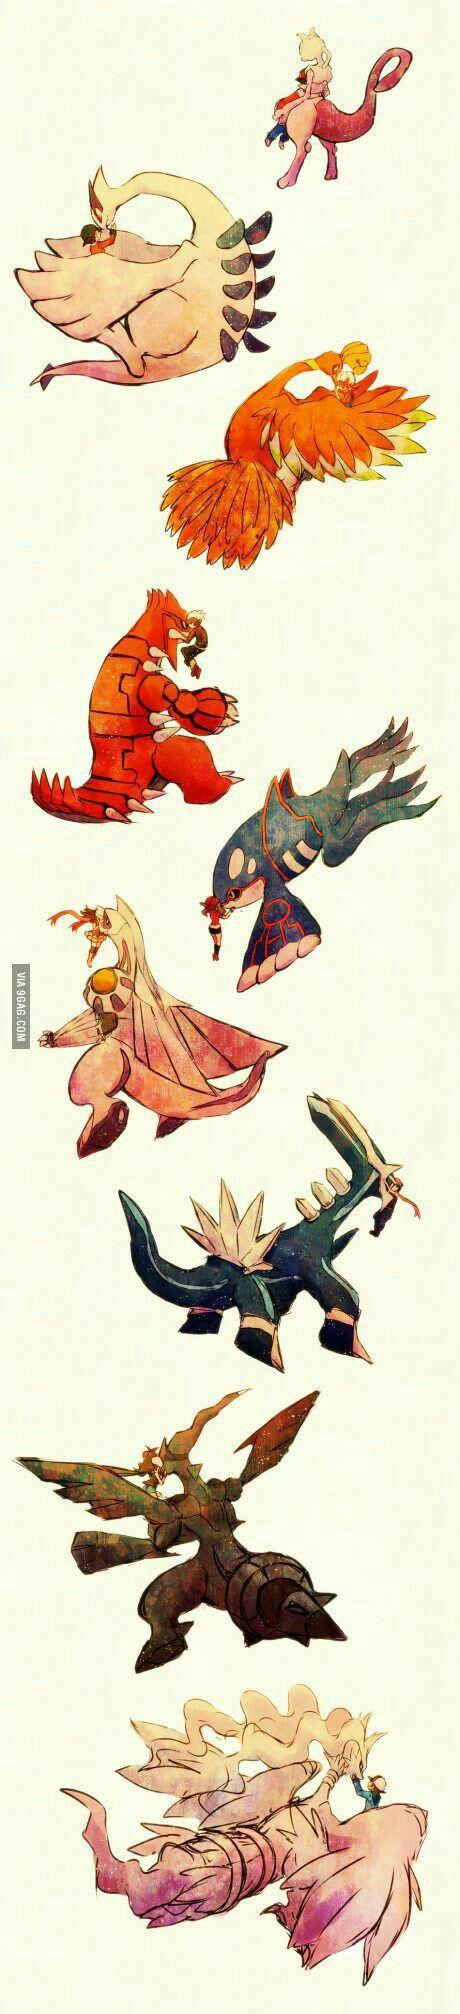 Allora oh mio dio... se dovessi scegliereee..  uhmmm... O Lugia o Kyogre o Reshiram sono tre pokemon miei speciali preferiti